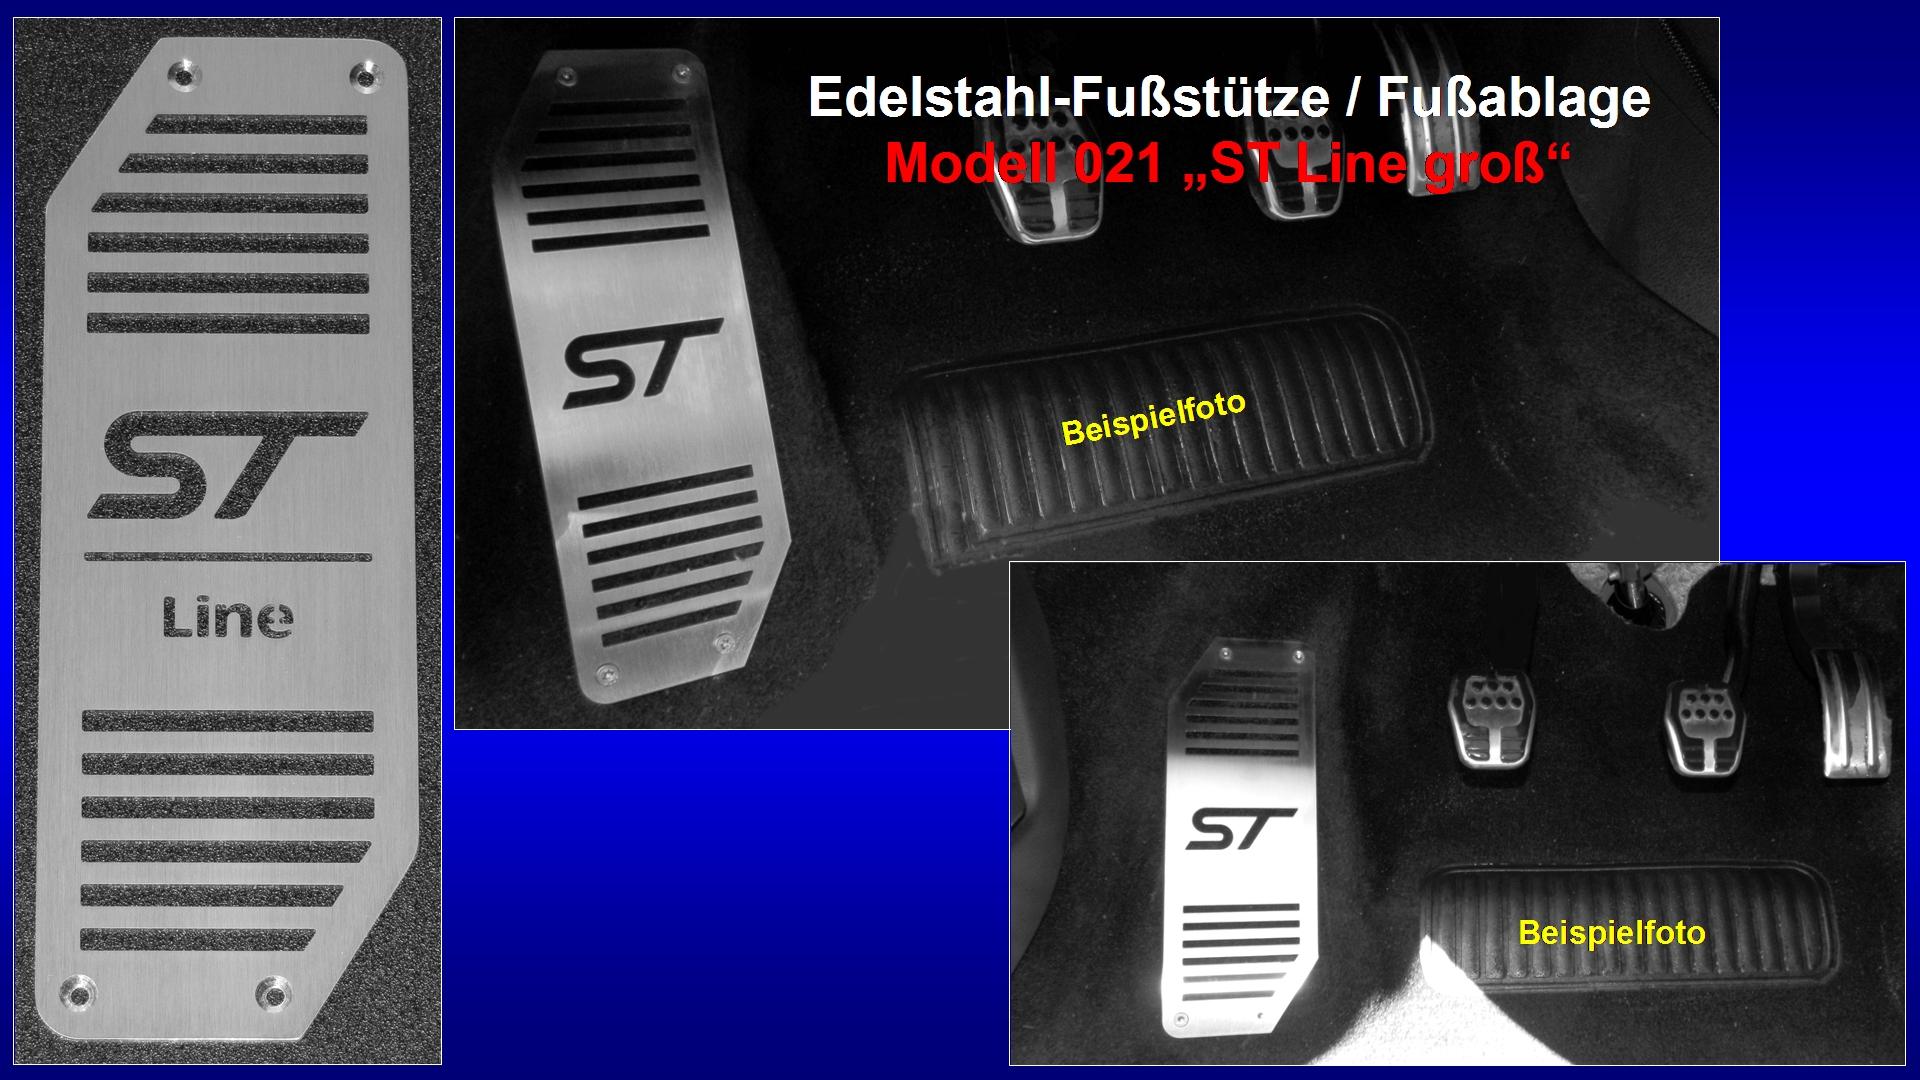 Präsentation Edelstahl-Fußstütze Modell 021 ''ST Line groß'' [ST-Logo, Line-Druckschrift].jpg